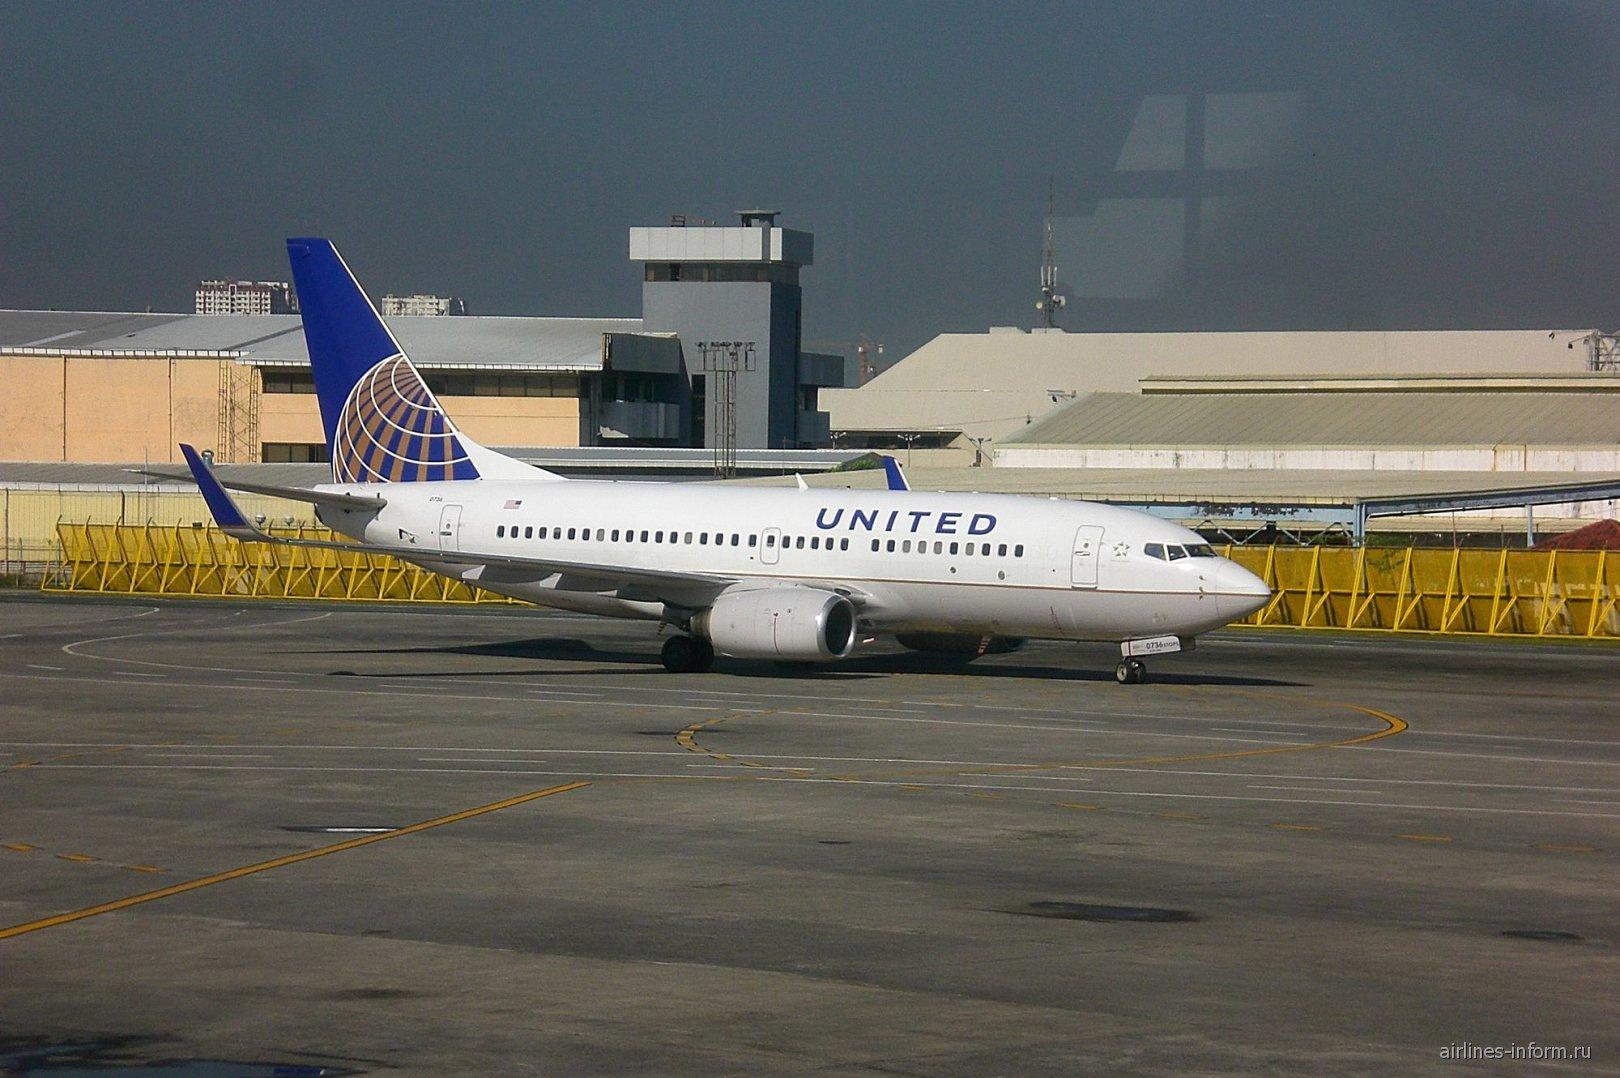 Боинг-737-700 авиакомпании United в аэропорту Манилы